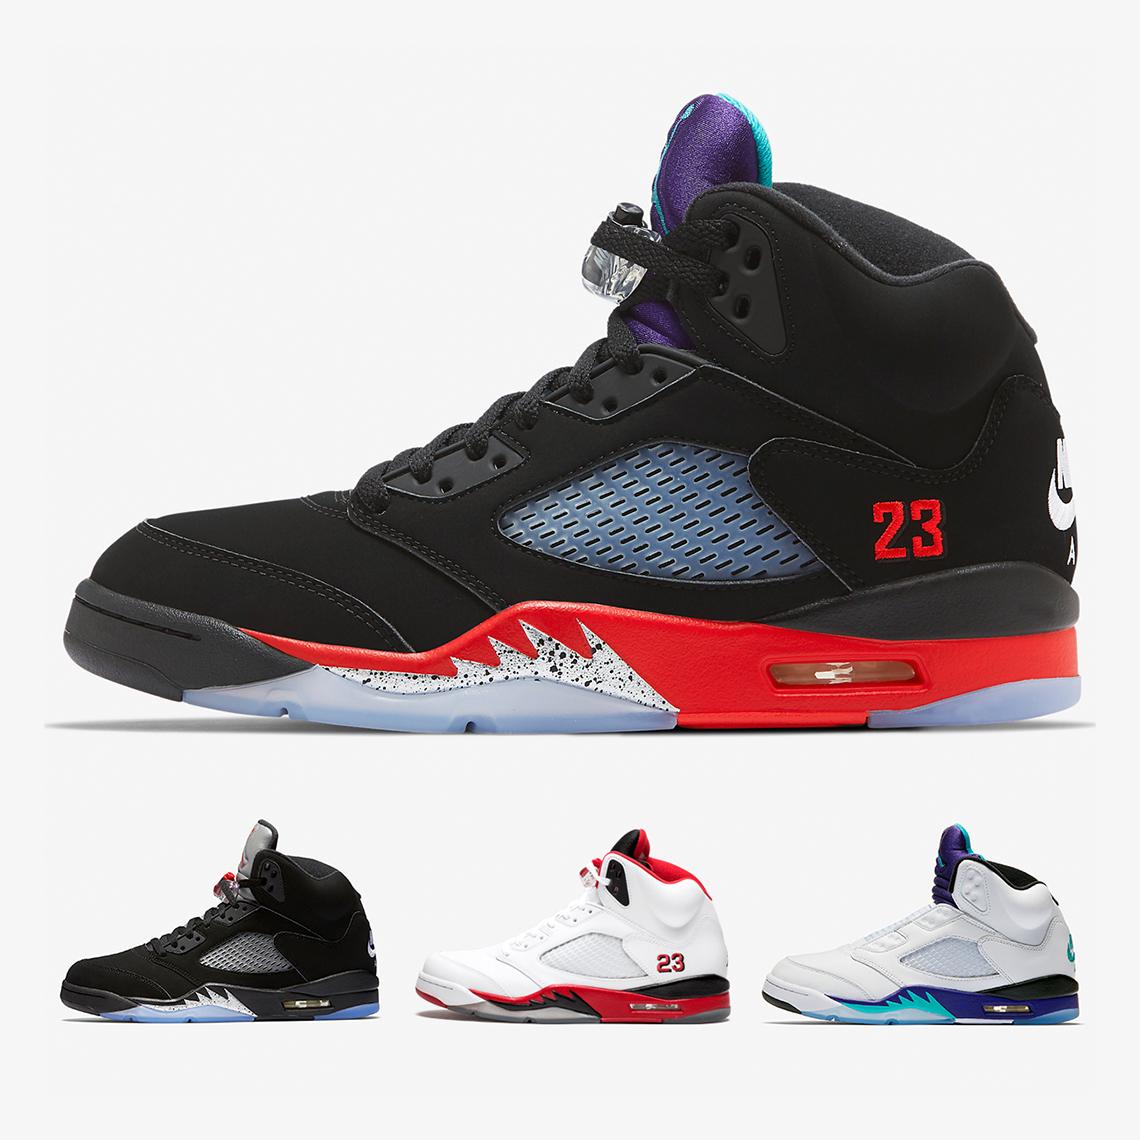 Air Jordan 5 Top 3 Store List